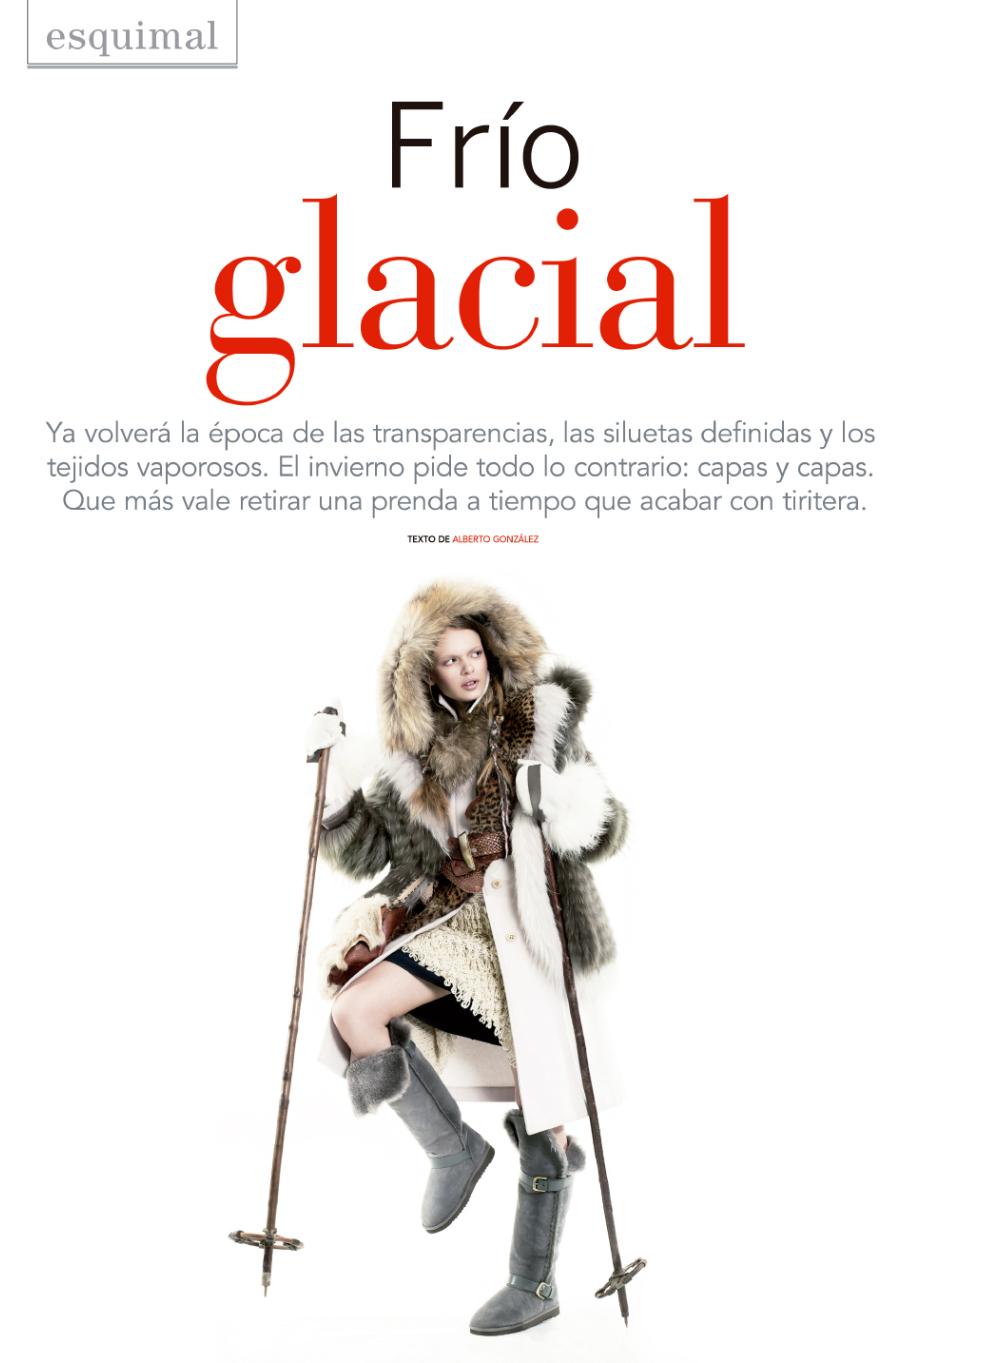 Frío Glacial for El Periódico Exclusive